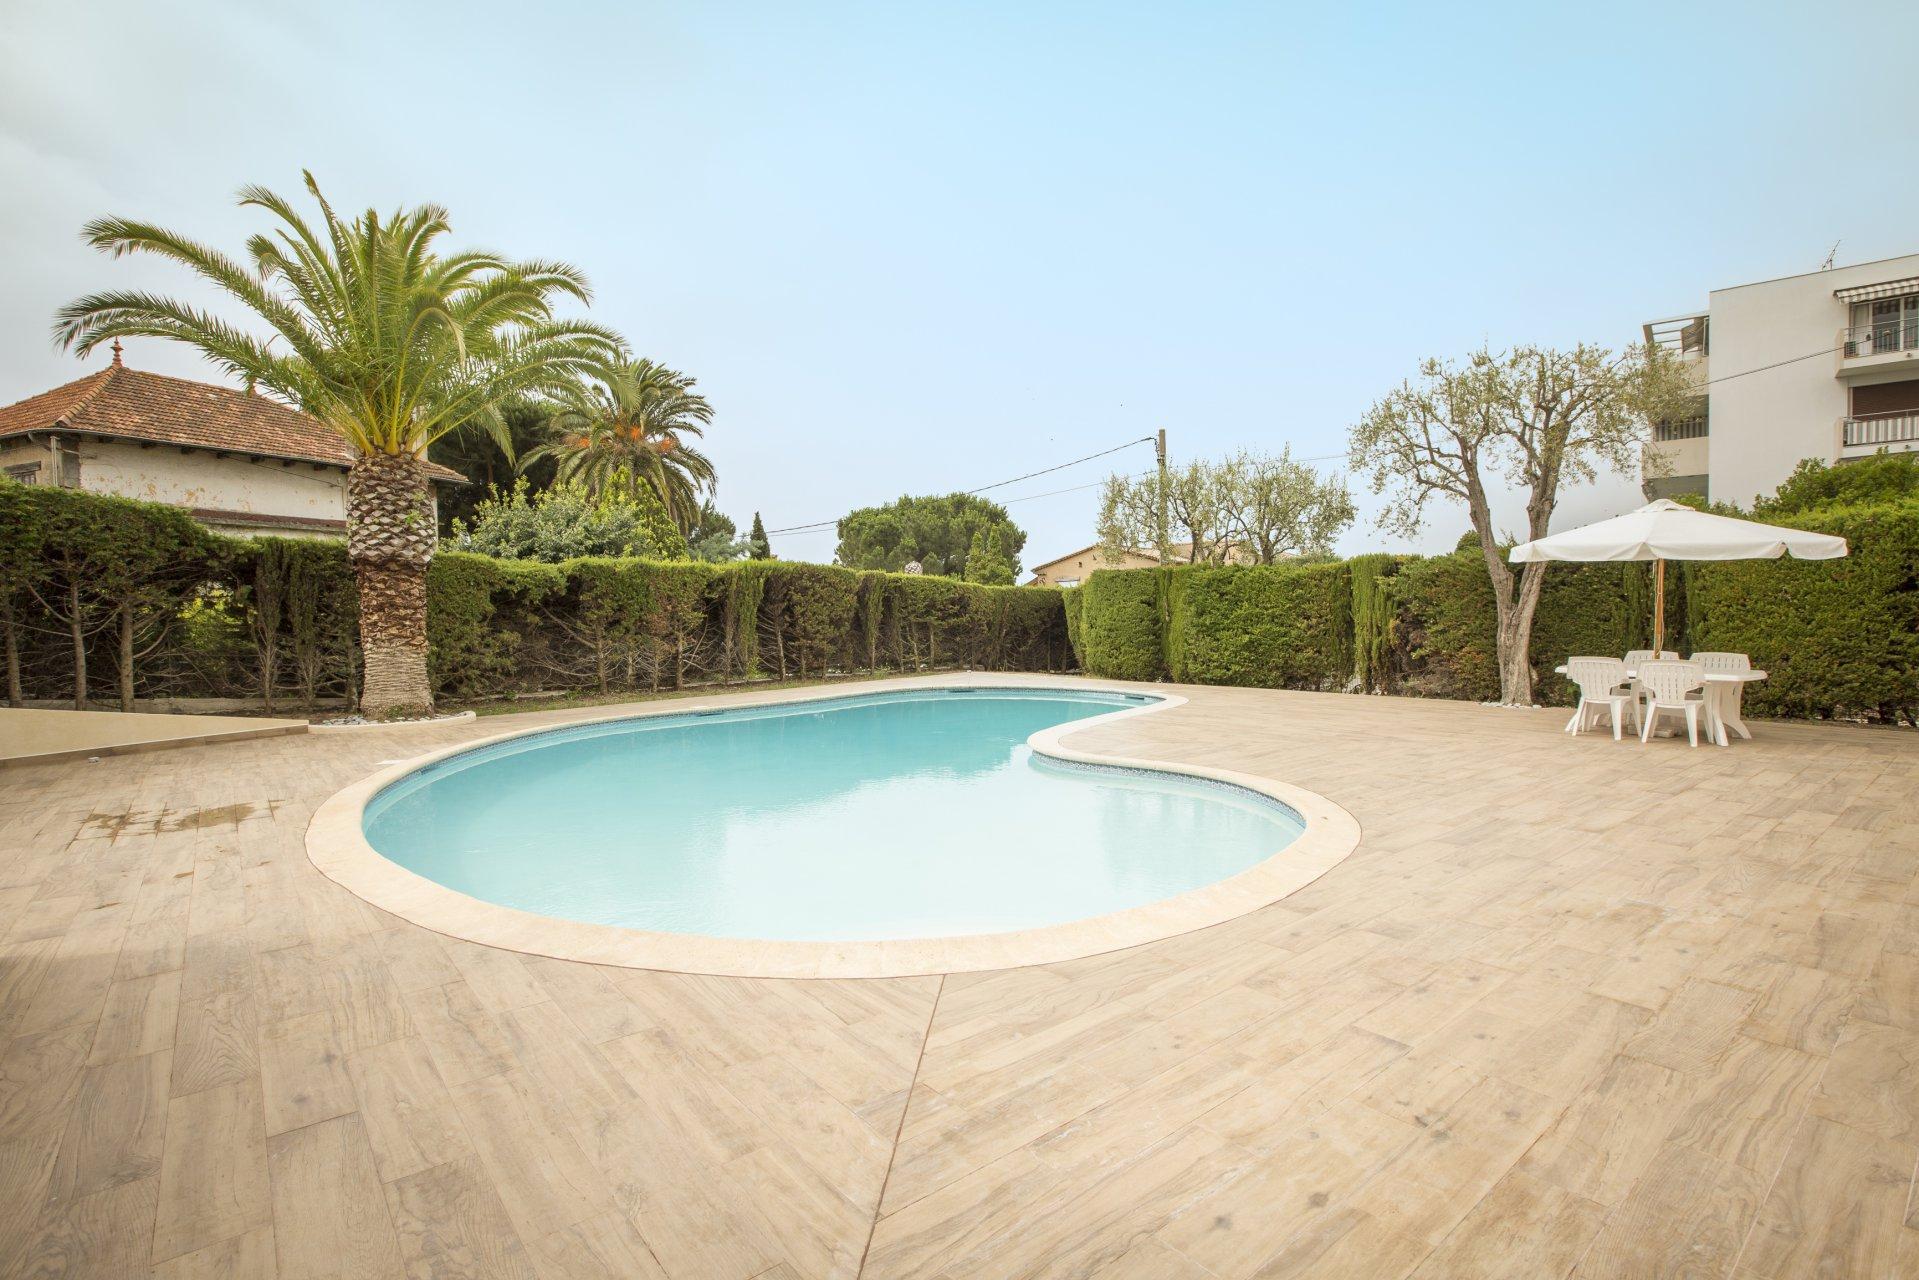 Cannes Croix des Gardes : Spacious 1 bed garden apartment Croix des Gardes Cannes